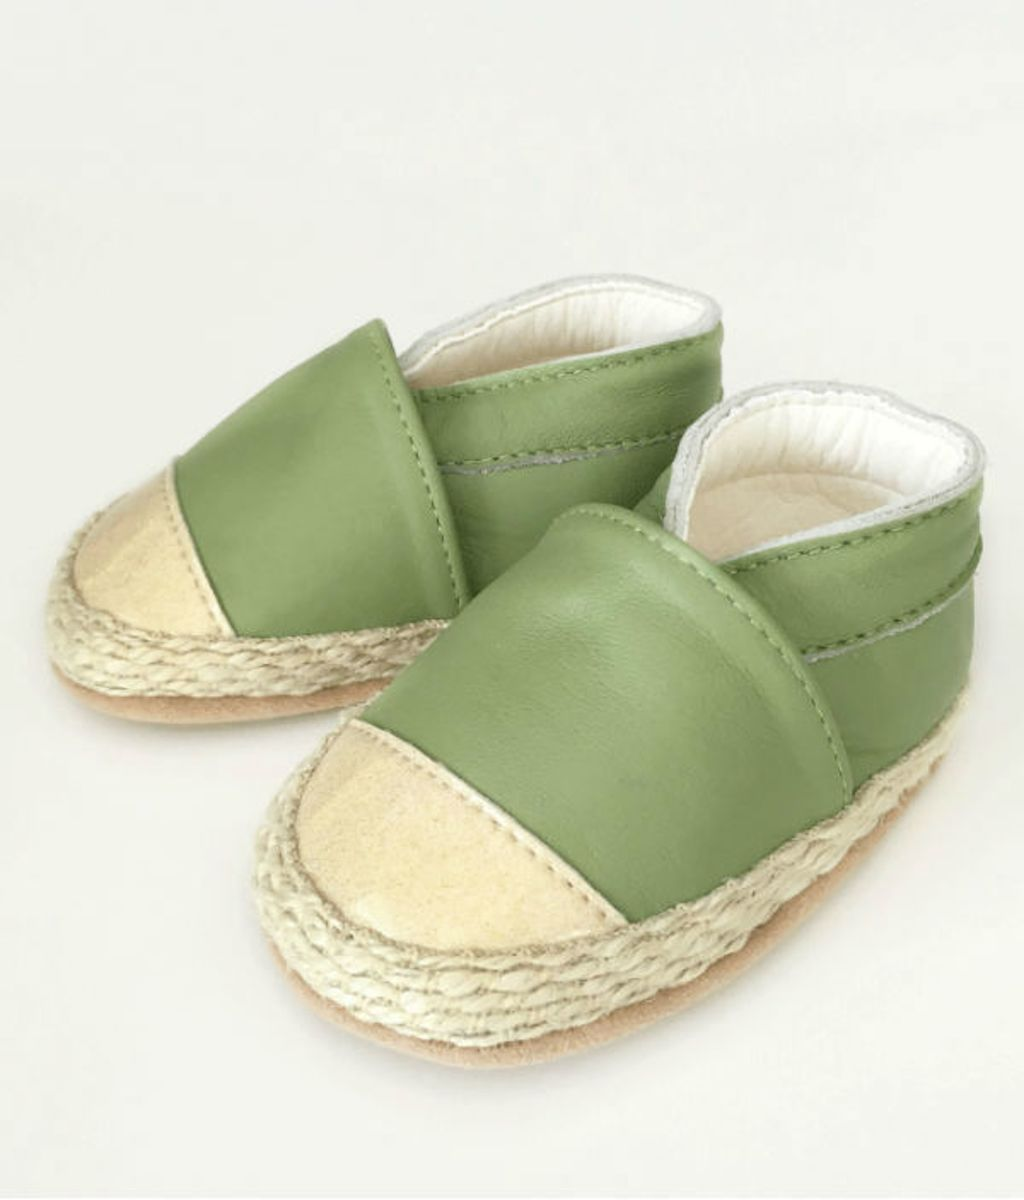 Babyschoentjes-espadrilles-or-olive / 6-9 Mnd erlfM6Je